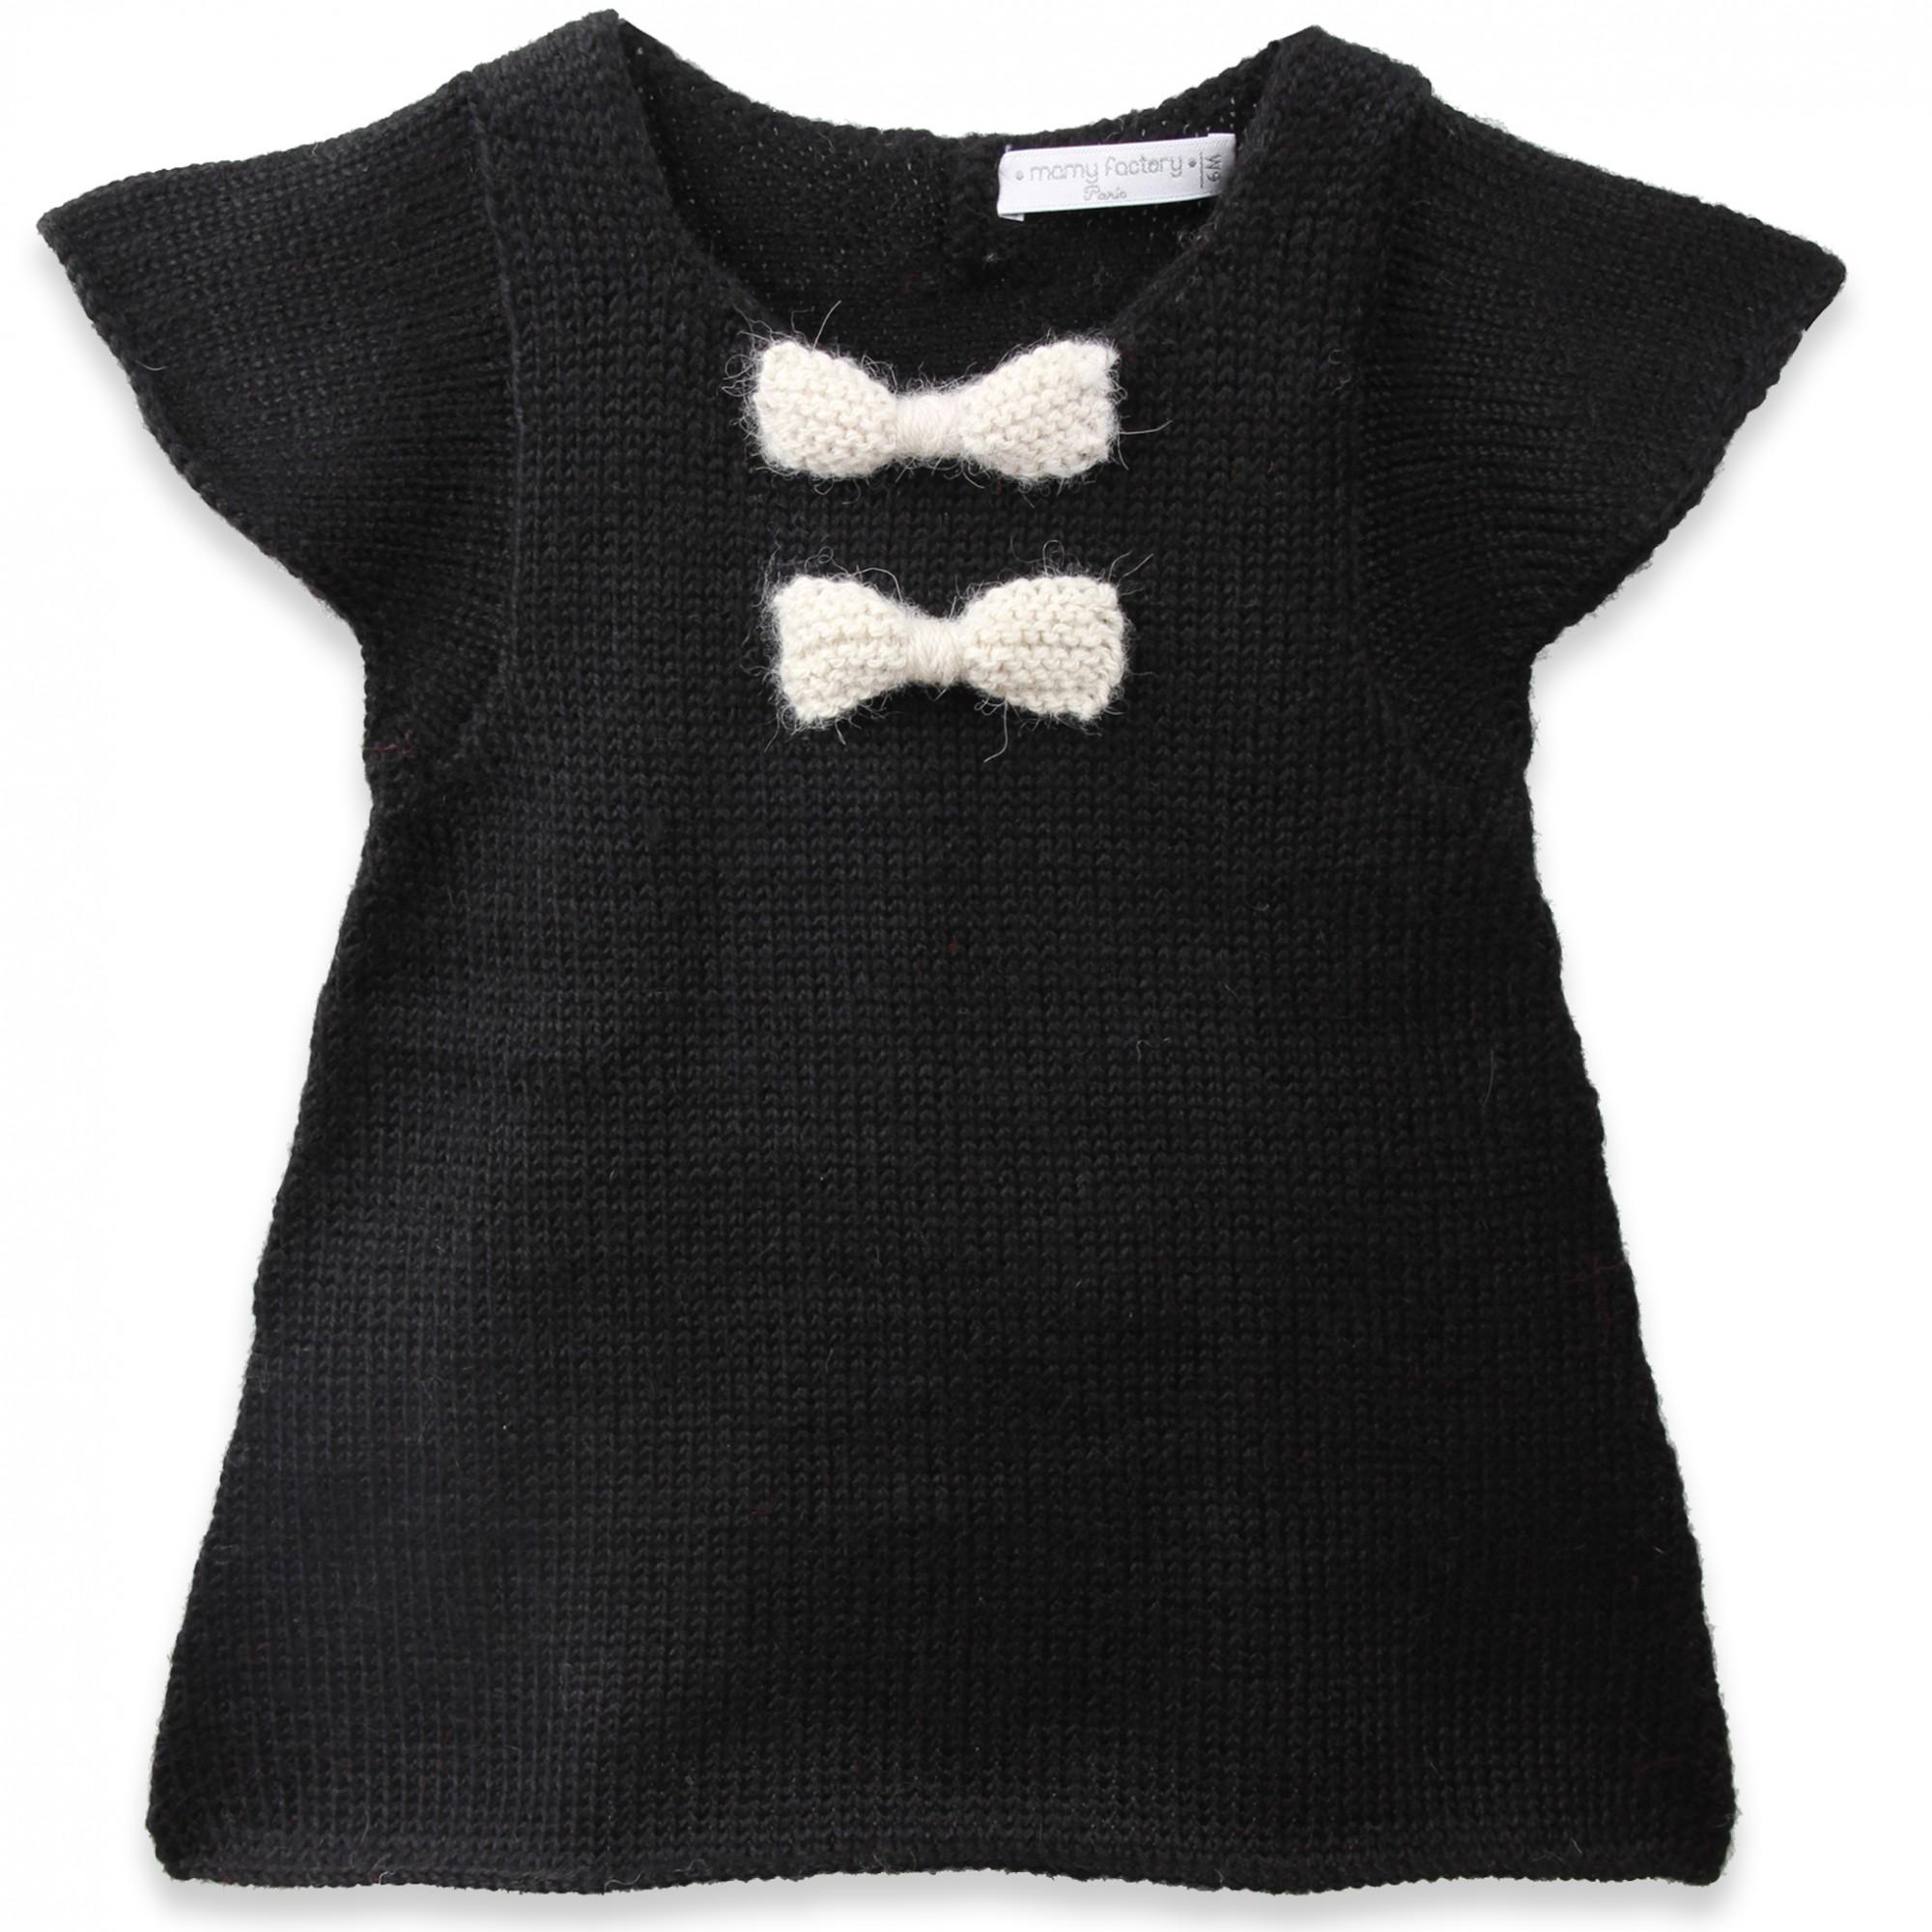 3a80e7463843 Tricot bébé laine - Chapka